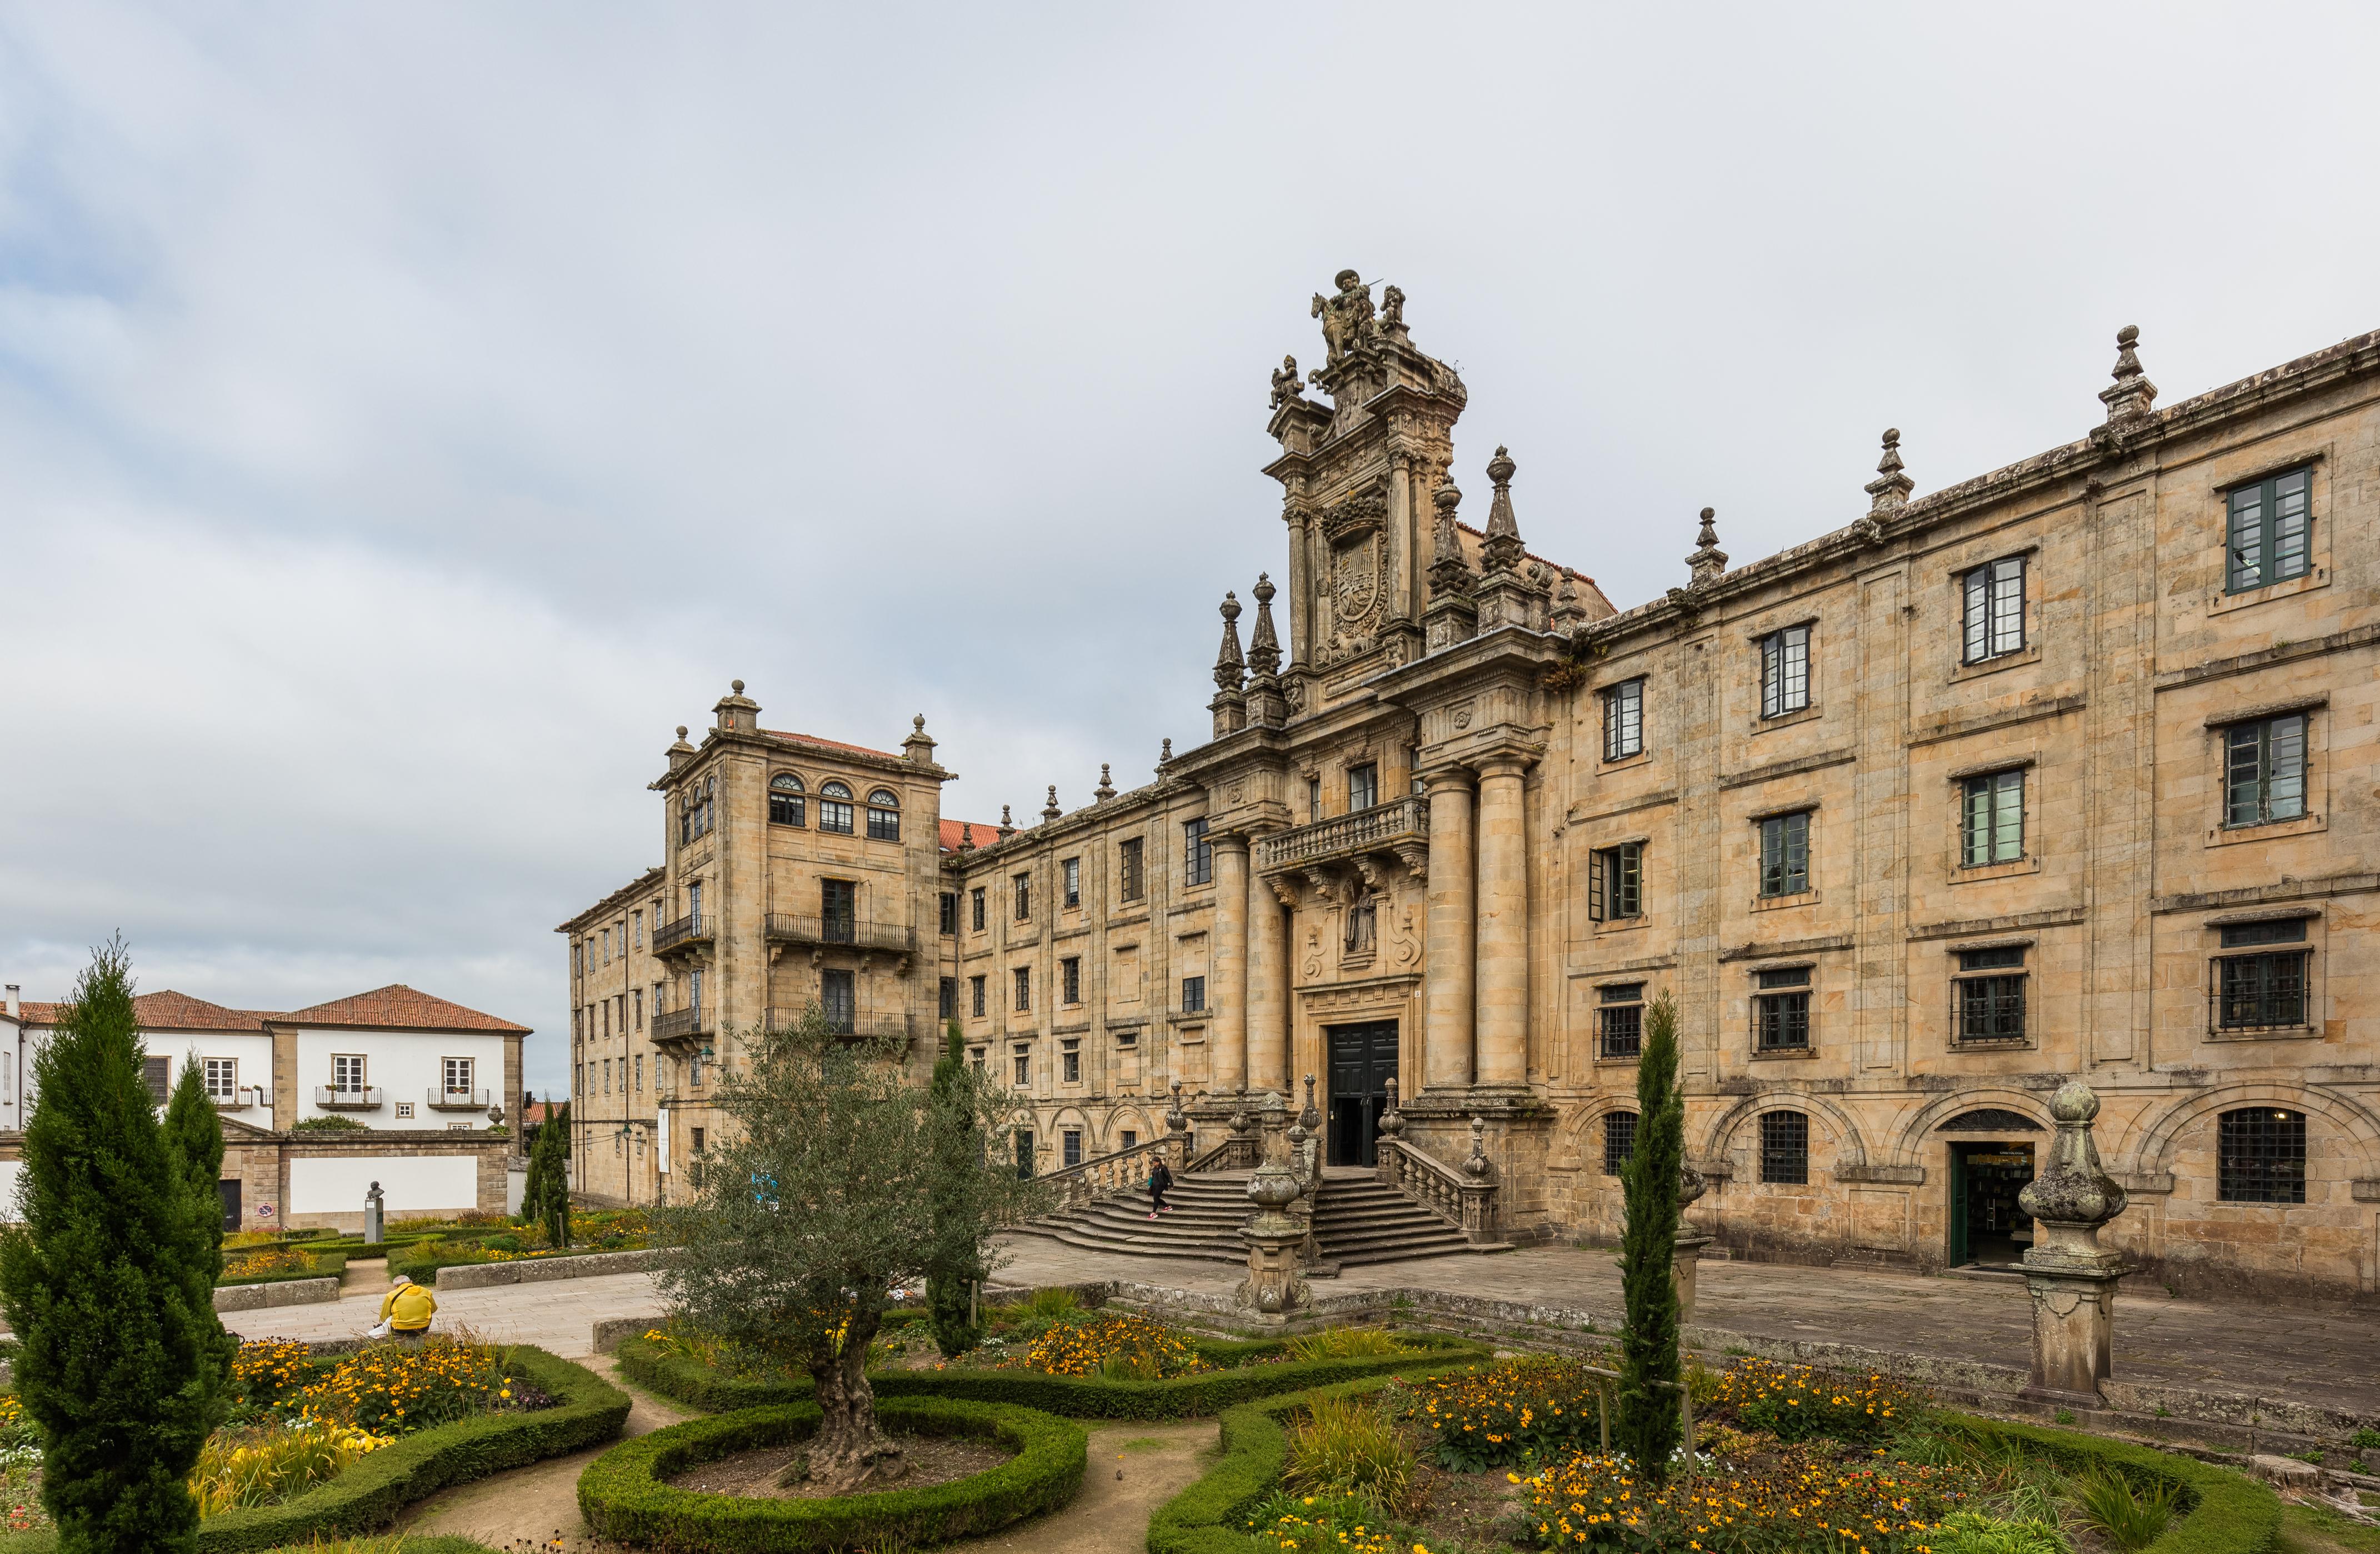 Monasterio de San Martín Pinario - Wikipedia, la enciclopedia libre